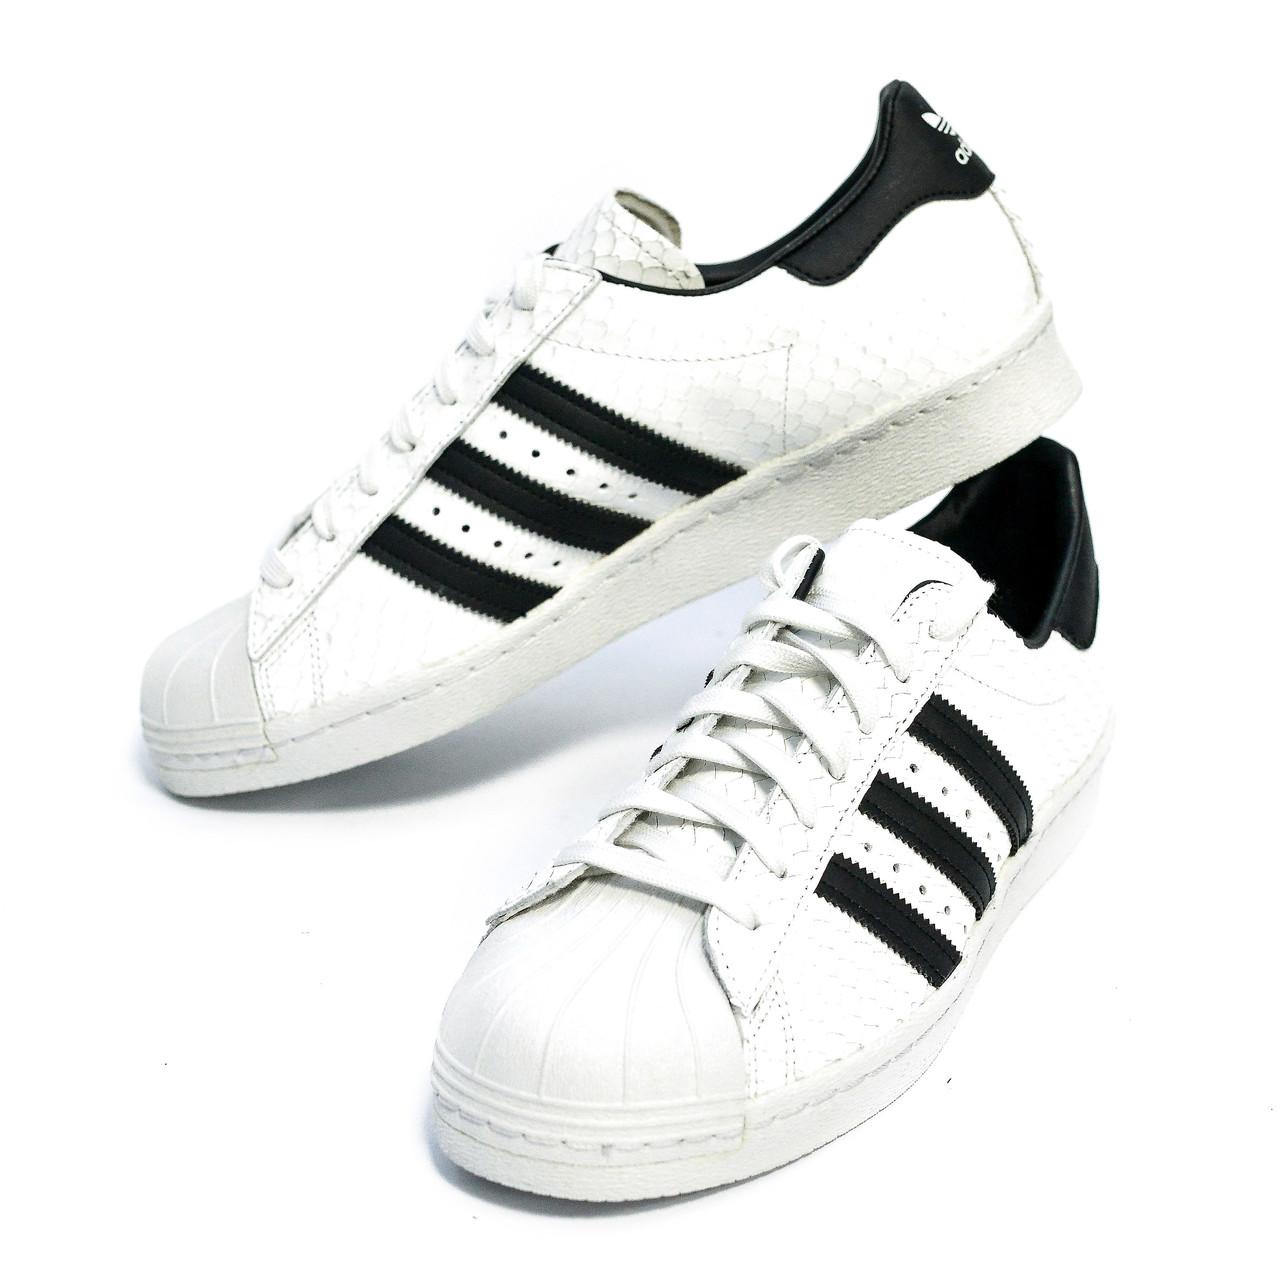 Оригинальные мужские кроссовки Adidas Superstar 80s